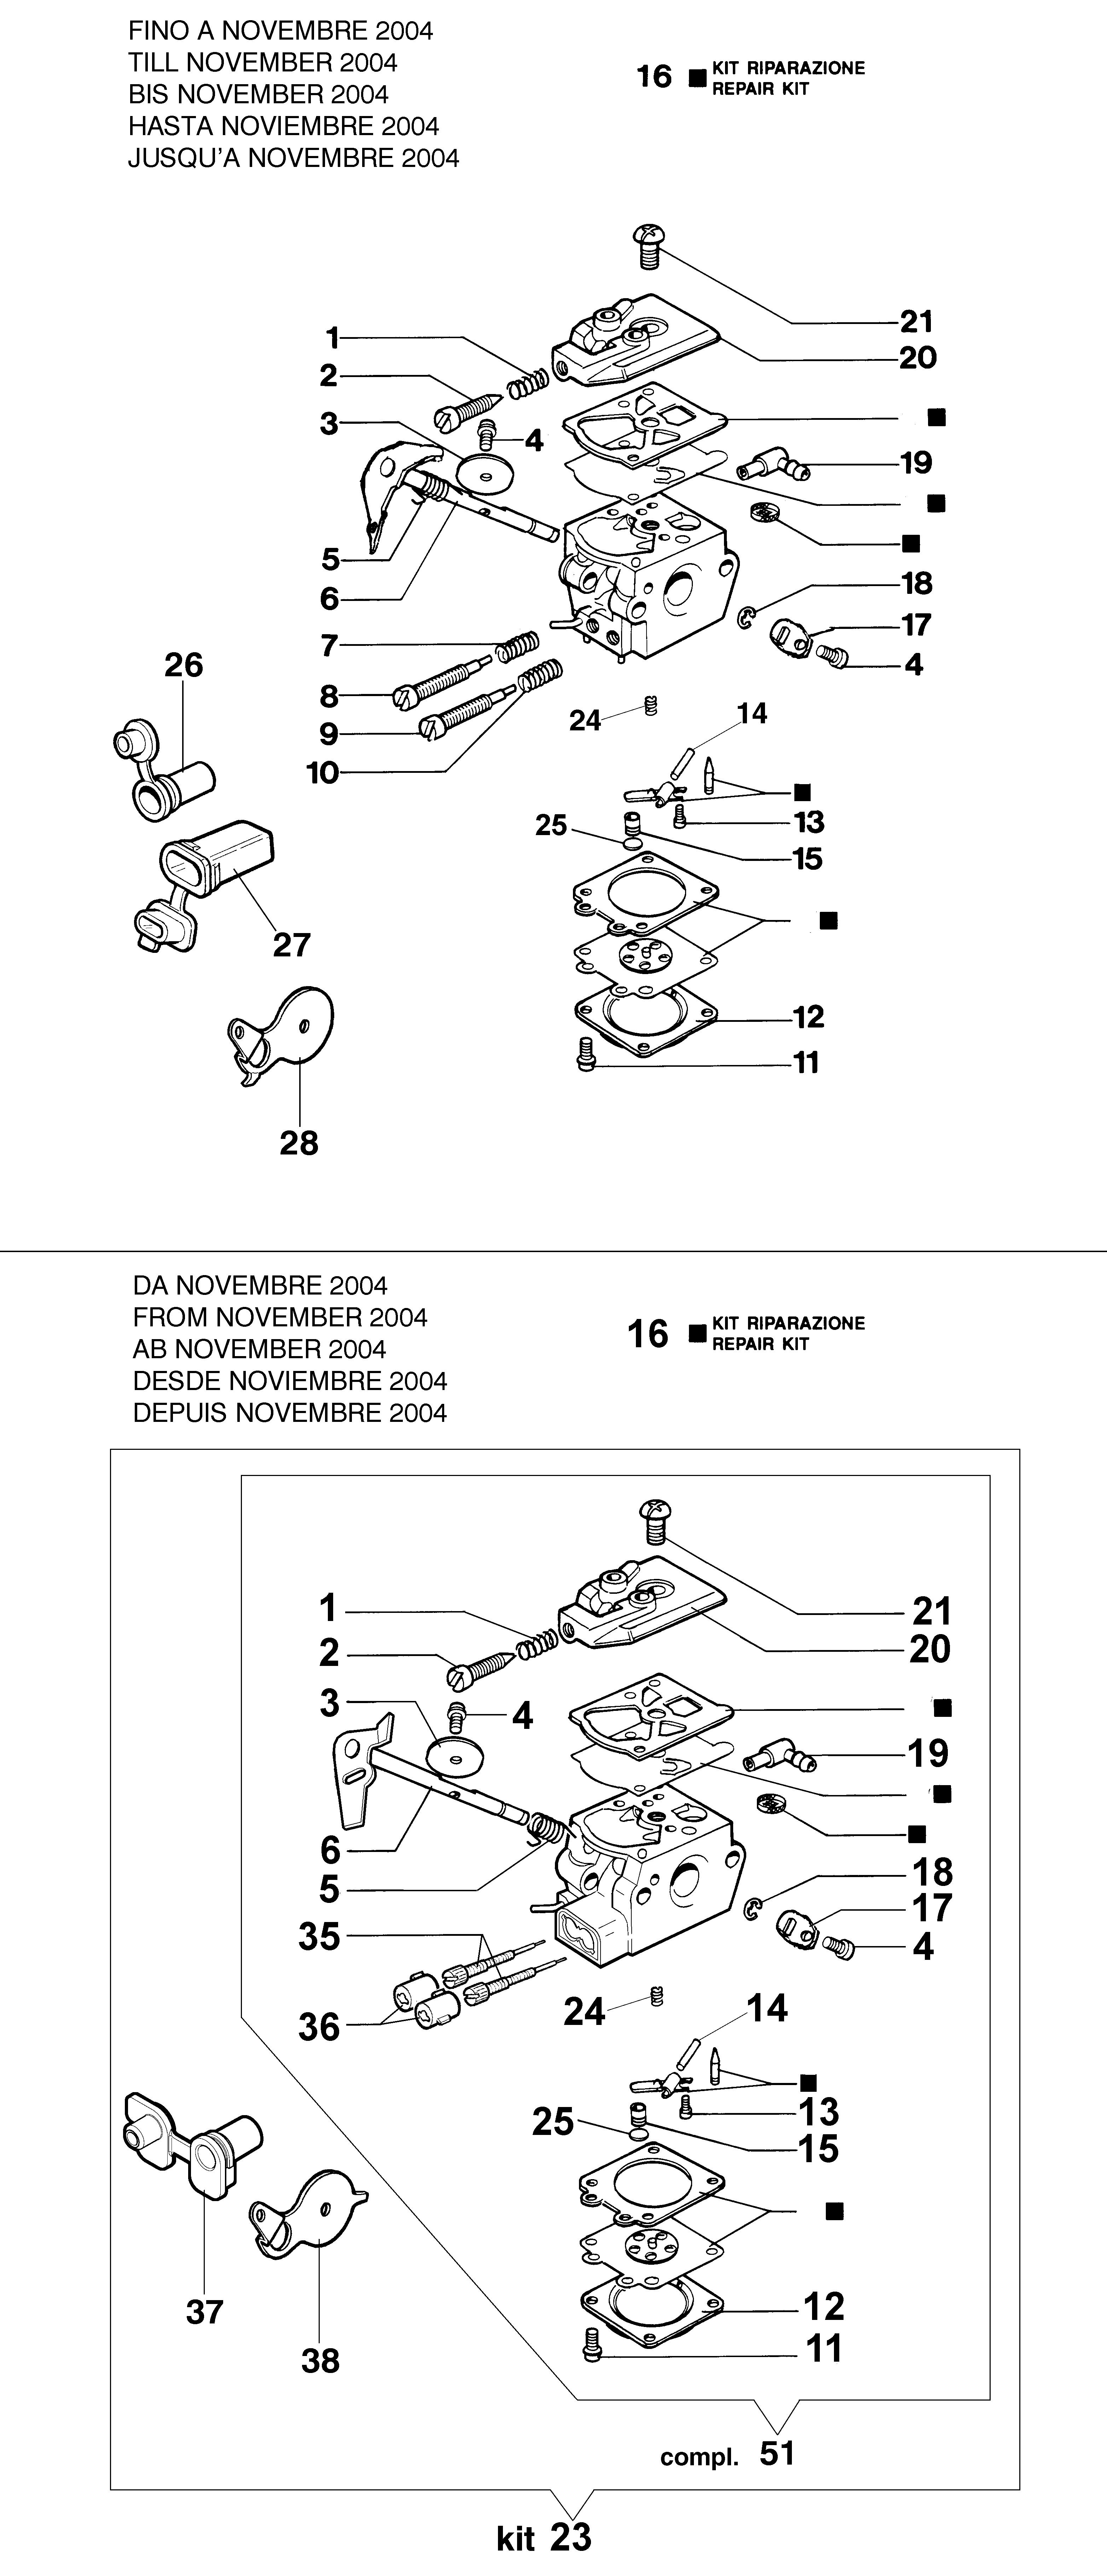 932 C Tronçonneuse oleomac Dessins pièces vue éclatée Carburateur WT-705